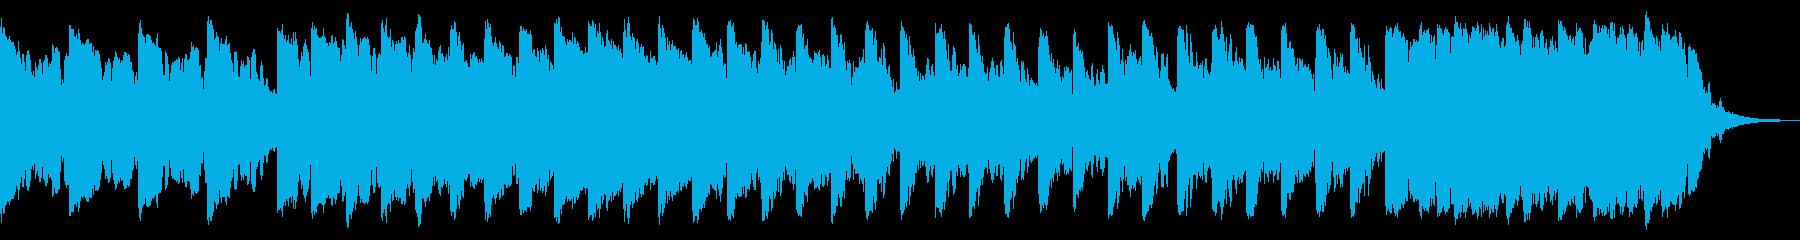 ダイヤモンドダスト 冬 の再生済みの波形